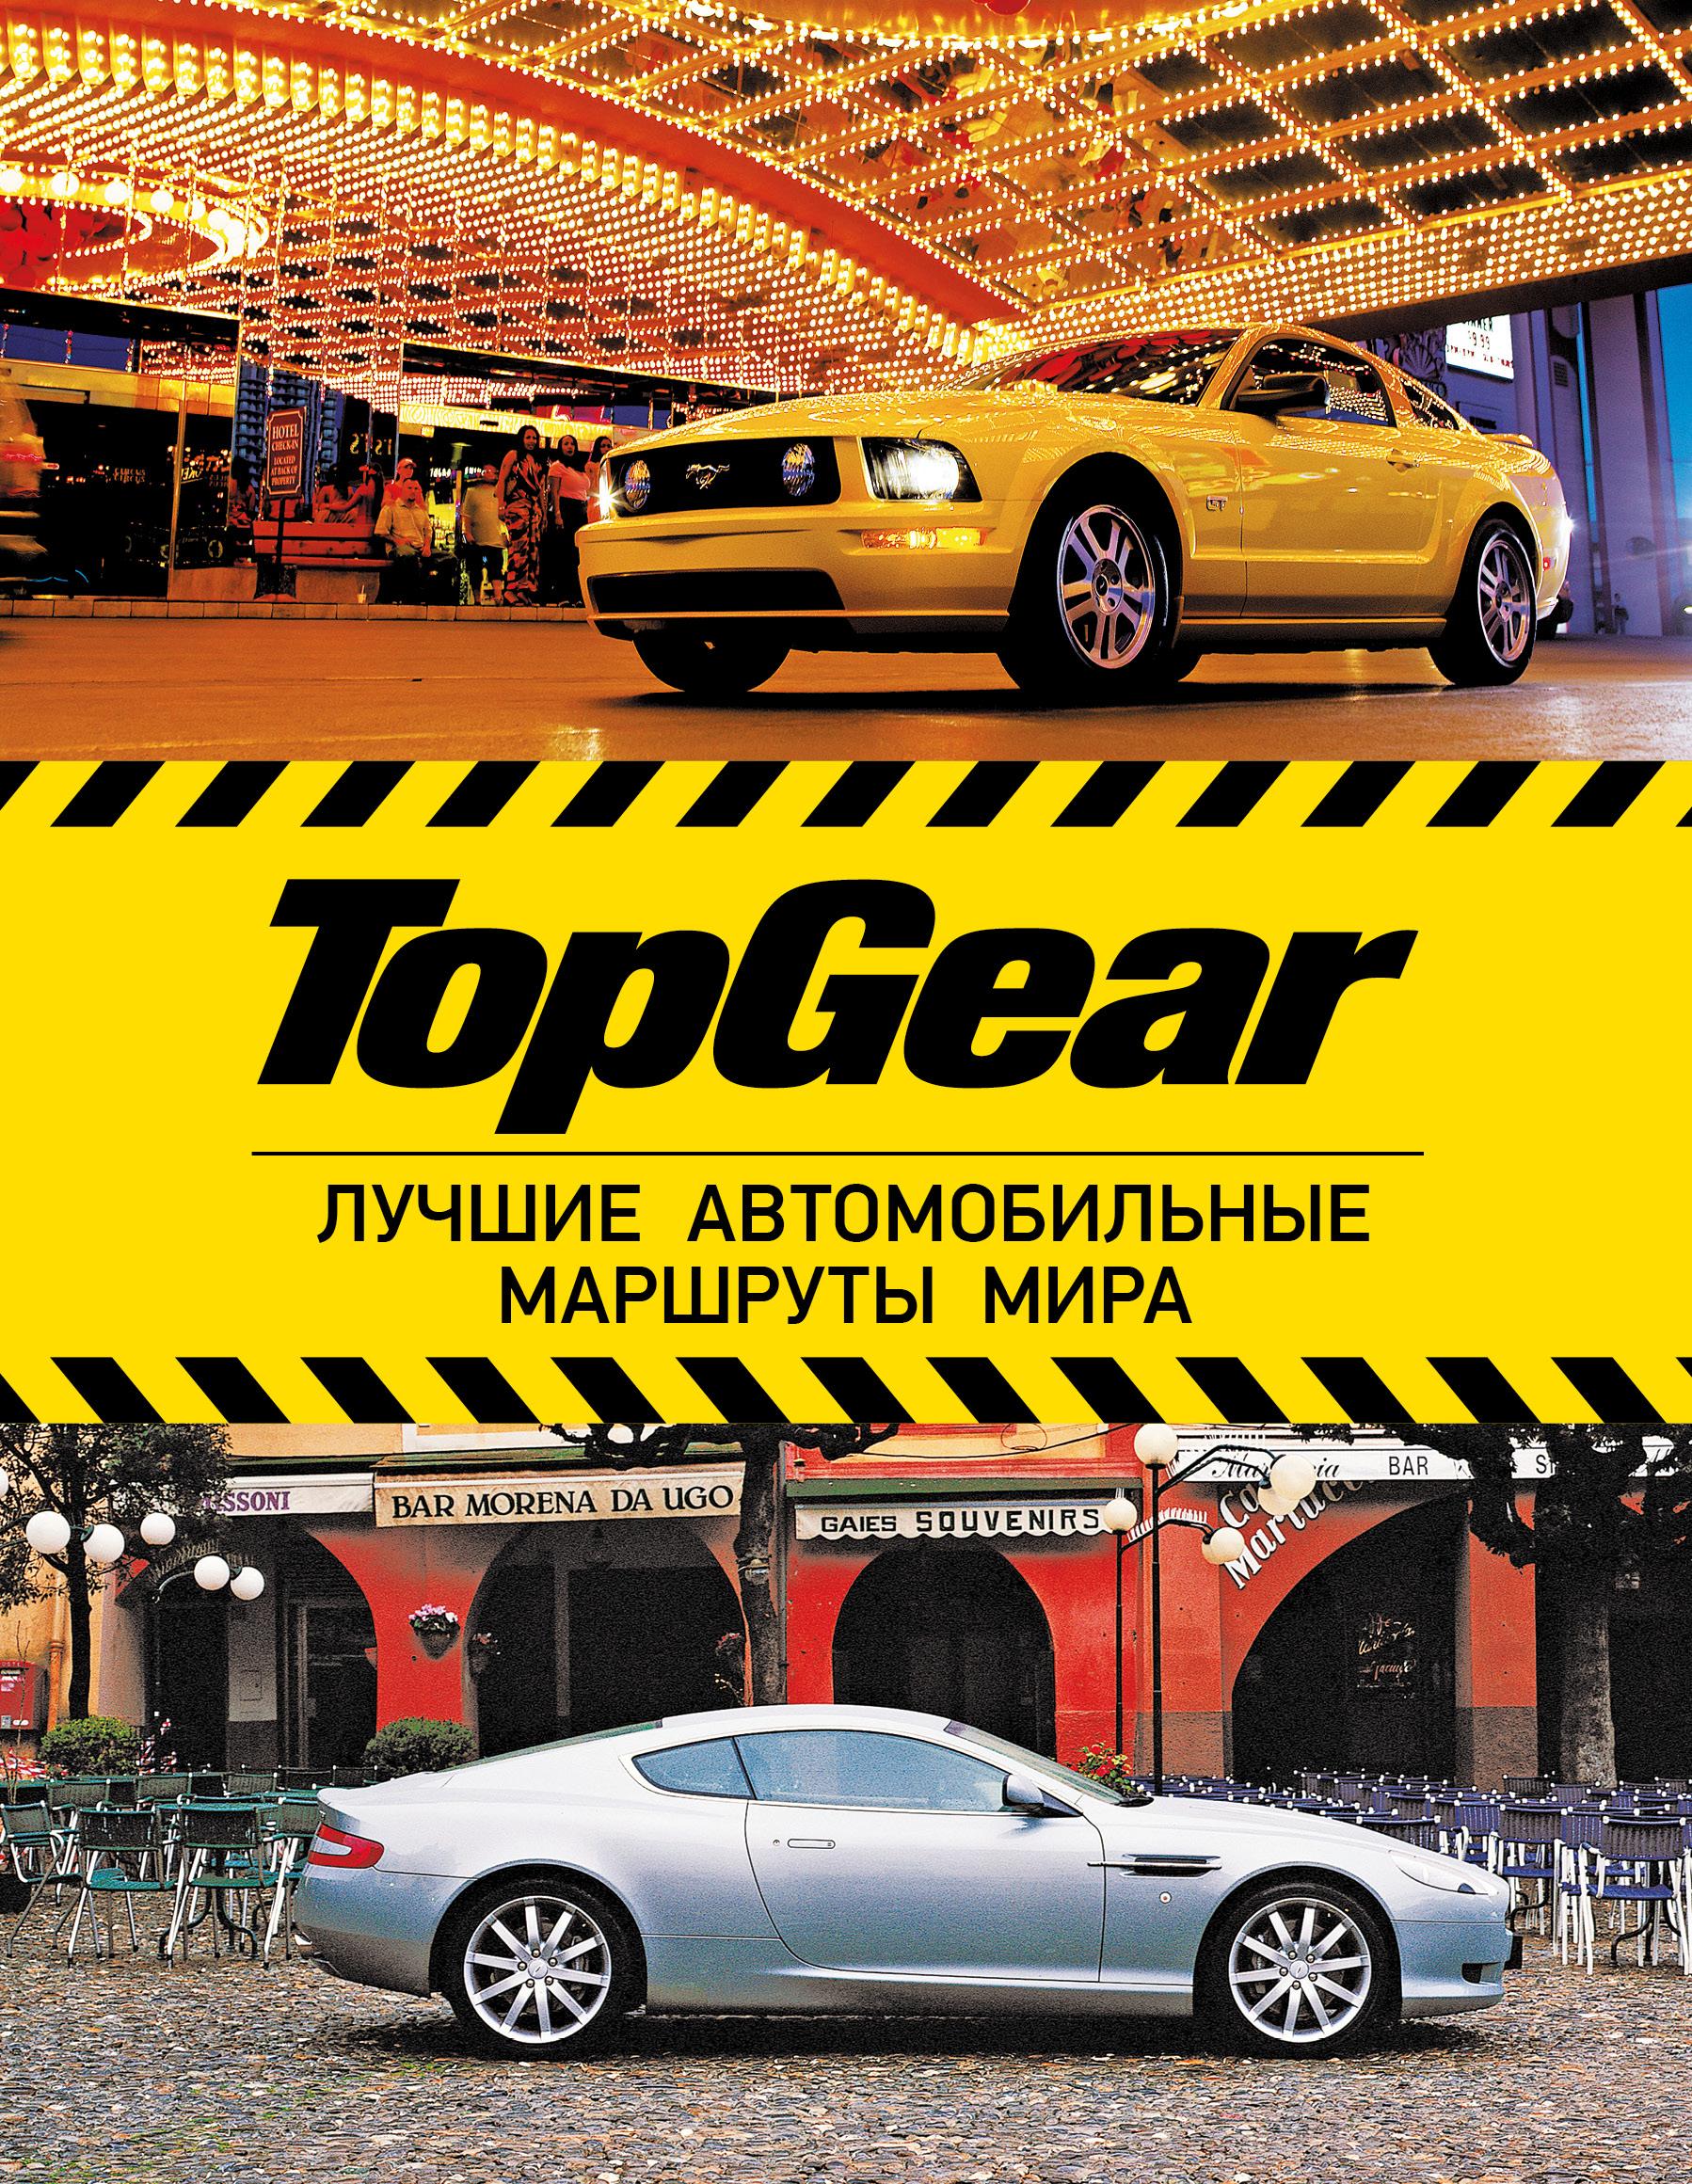 TopGear. ������ �����������